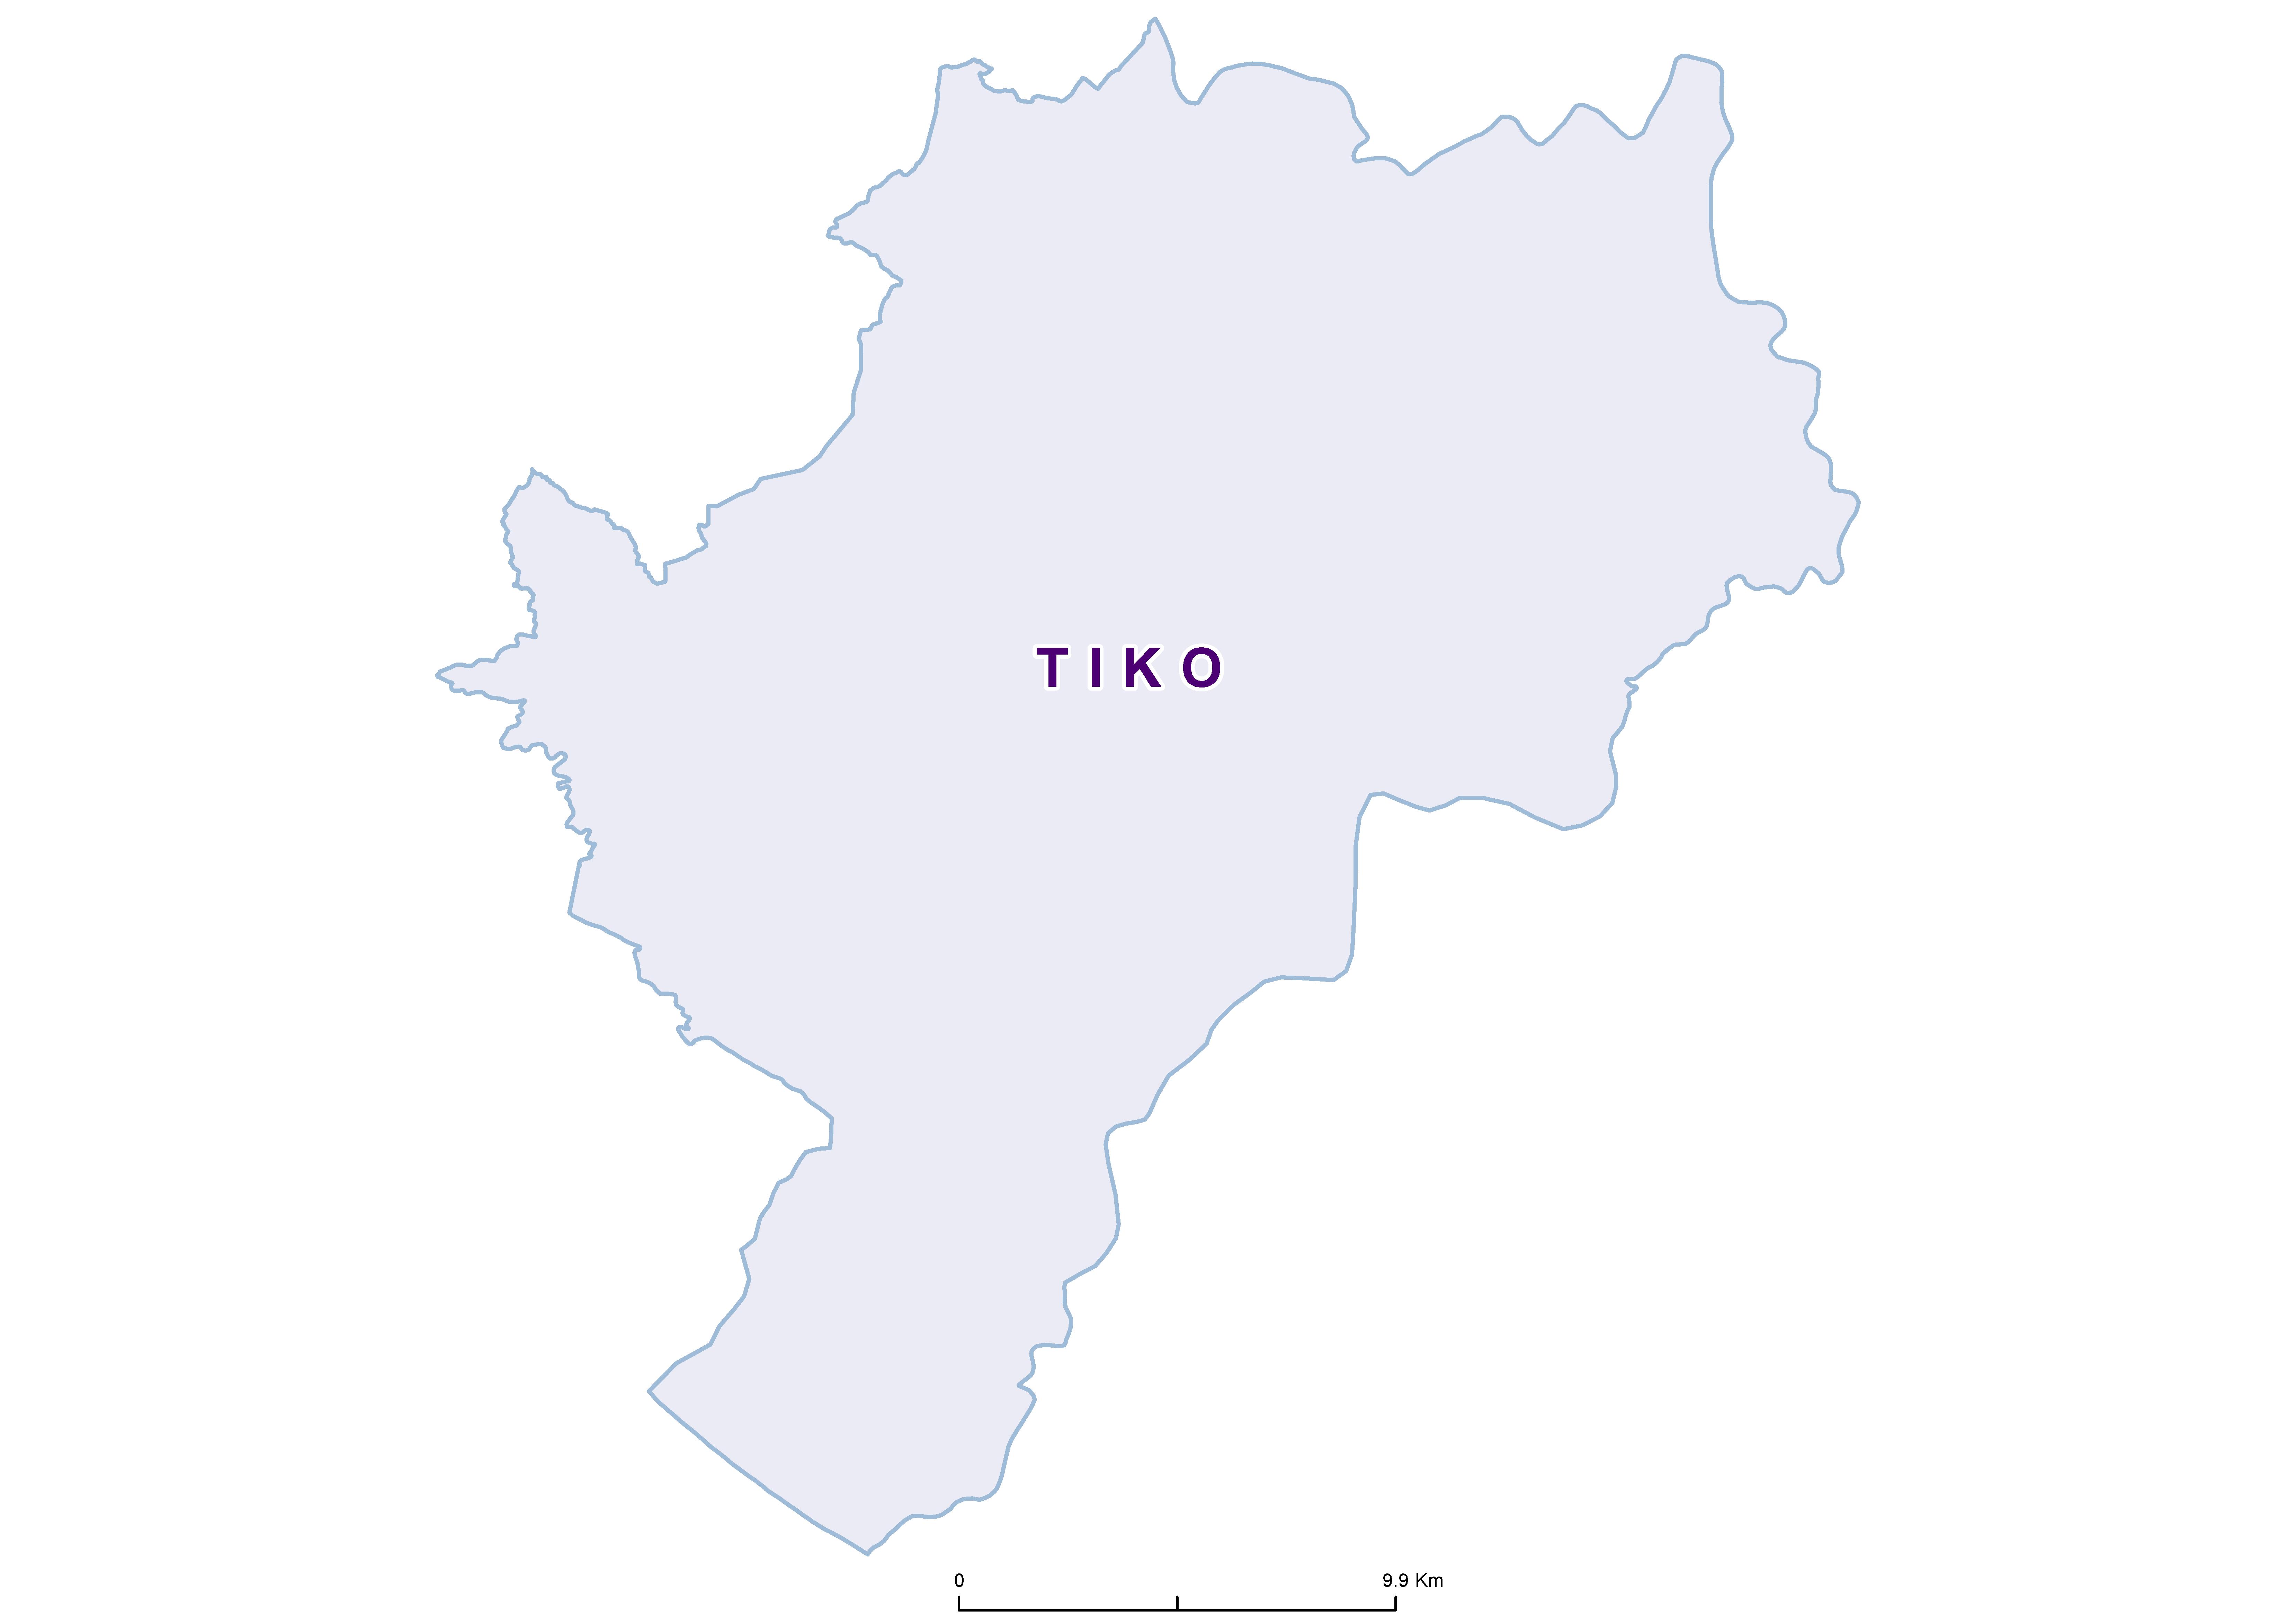 Tiko Mean SCH 19850001